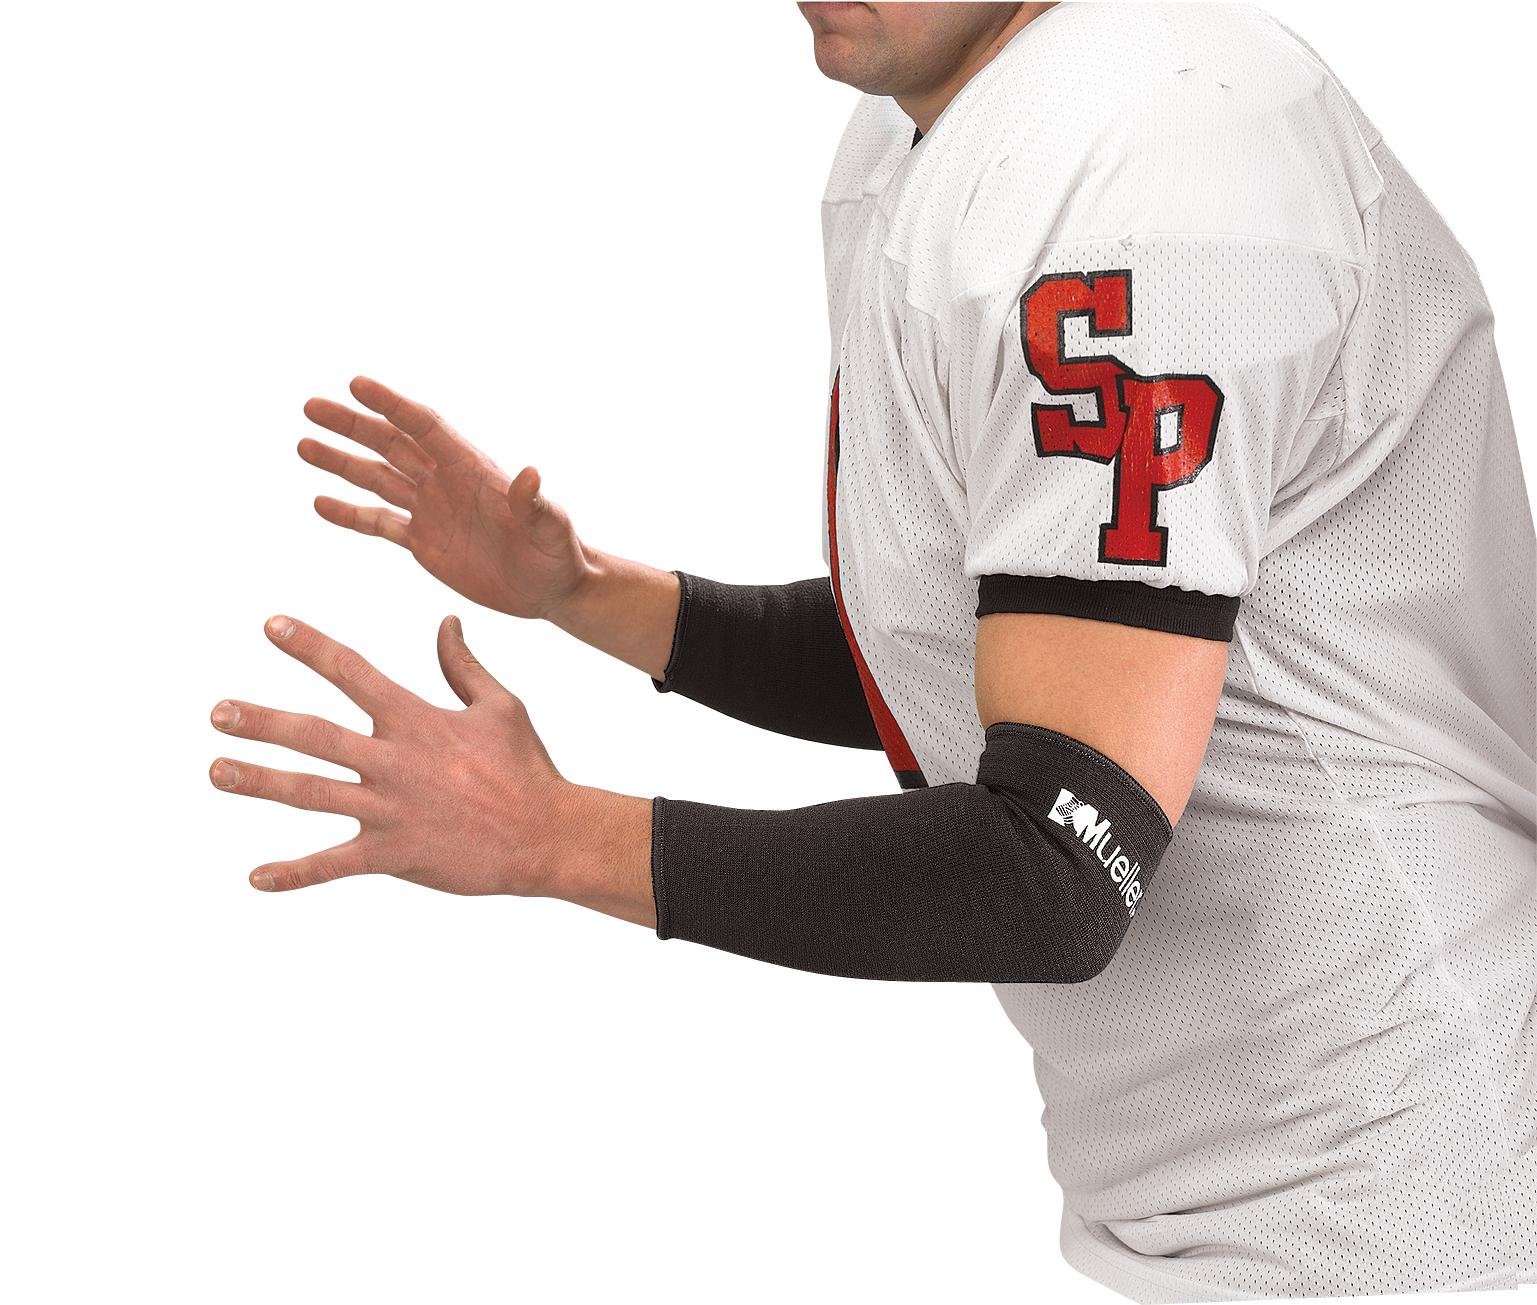 turf-sleeve-black-pair-lg-4111lg-74676411064-lr.jpg